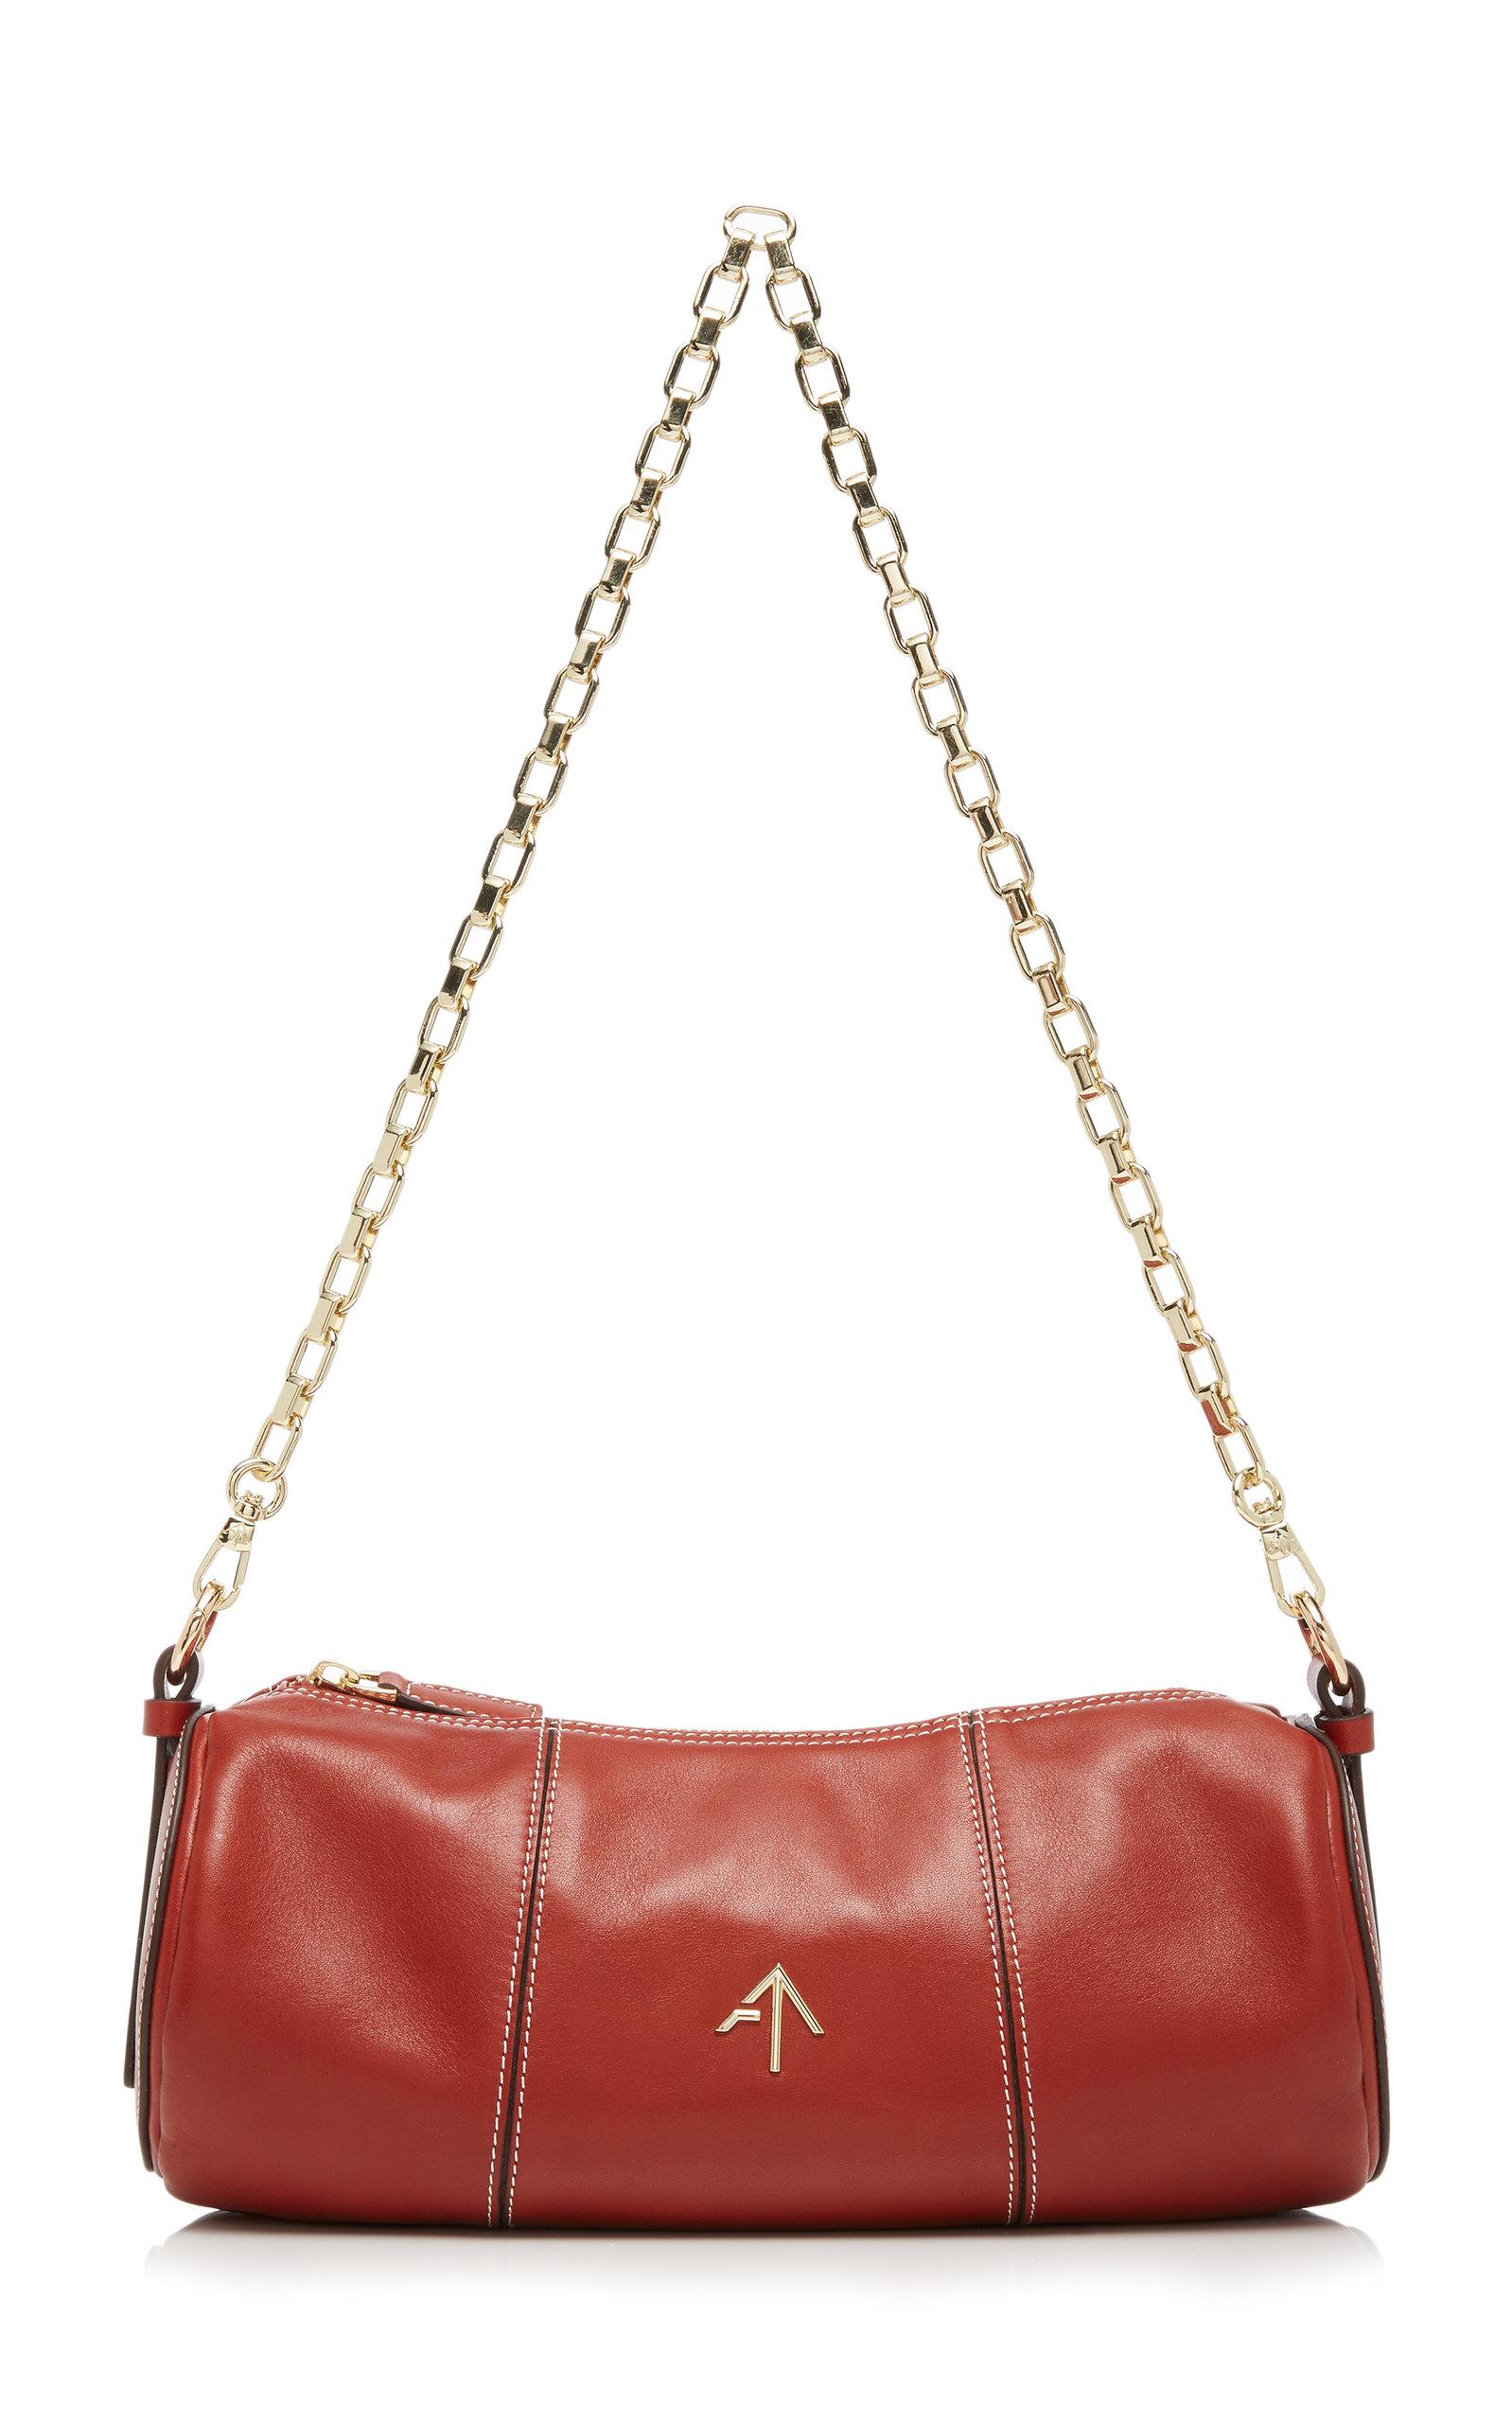 Manu Atelier Crossbody Cylinder Leather Shoulder Bag